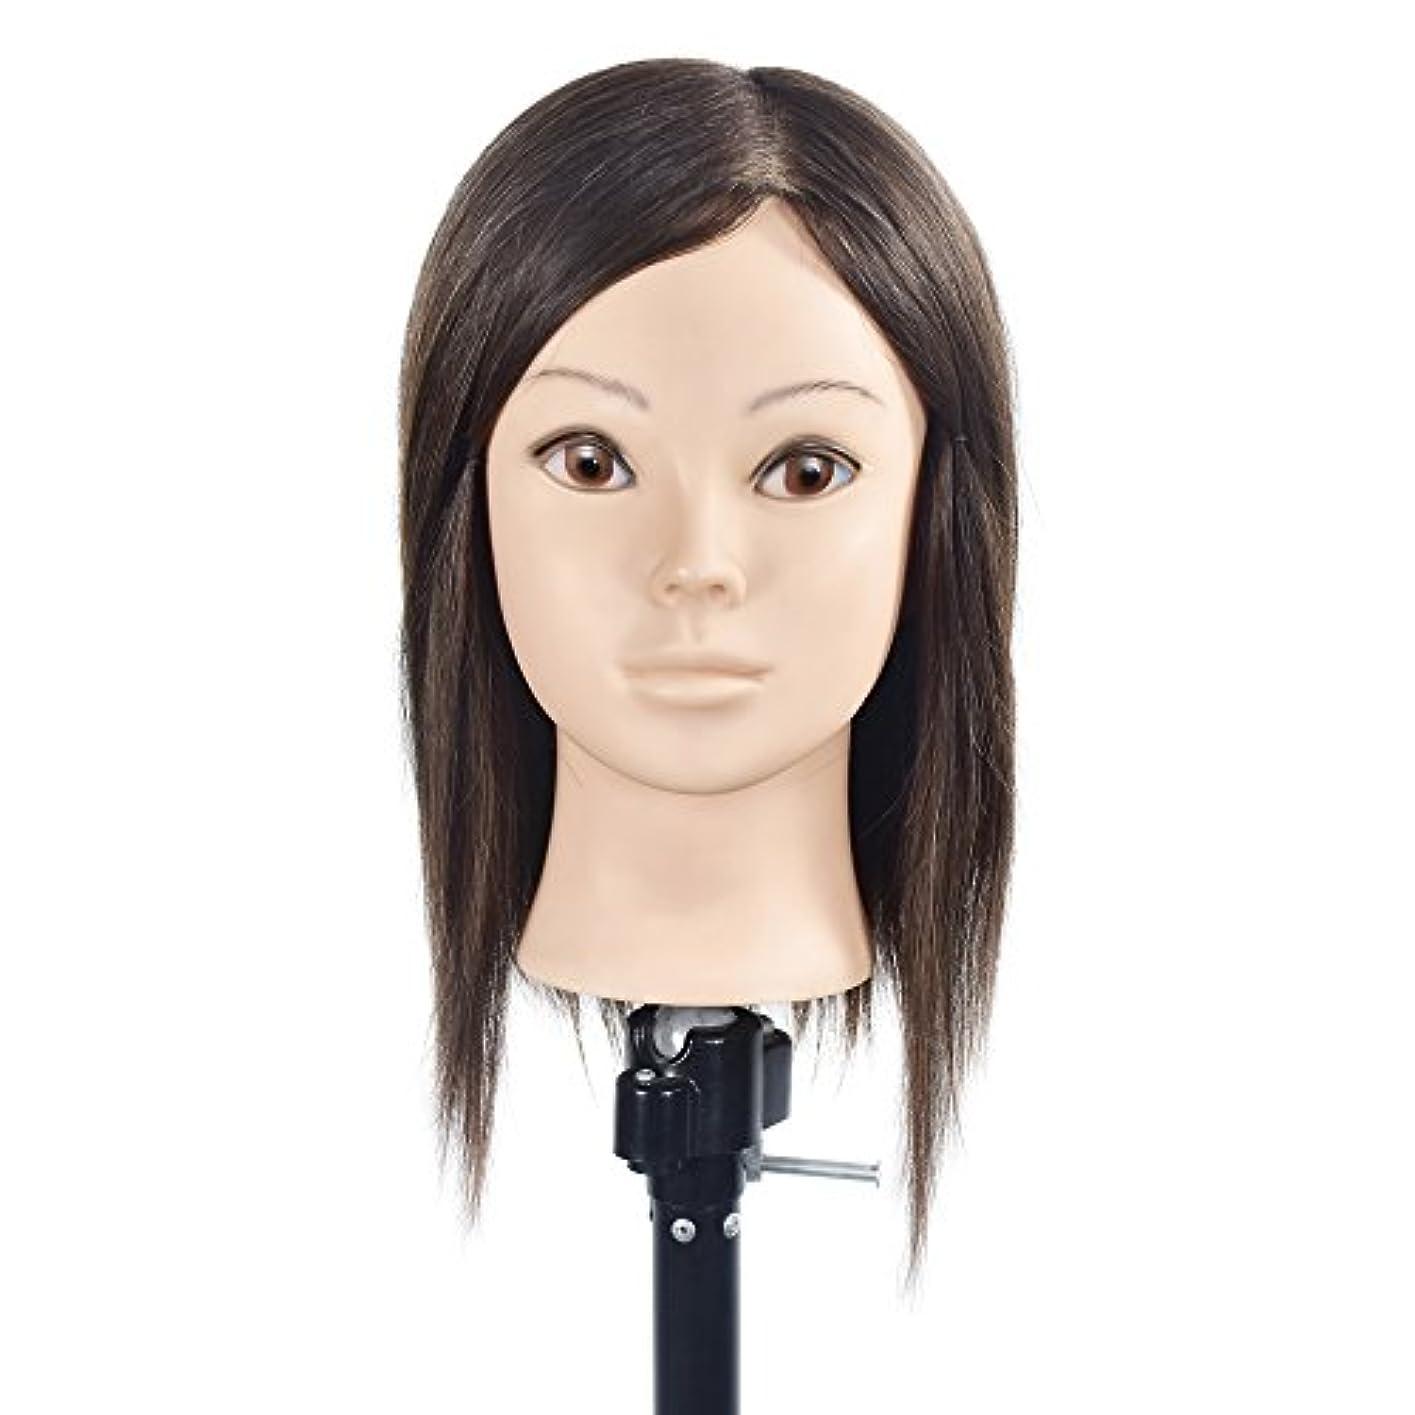 ケーキ宙返り歴史トレーニングヘッド美容師100%リアルヒューマンヘアスタイリングマニアックマネキン人形(フリーテーブルクランプ付)